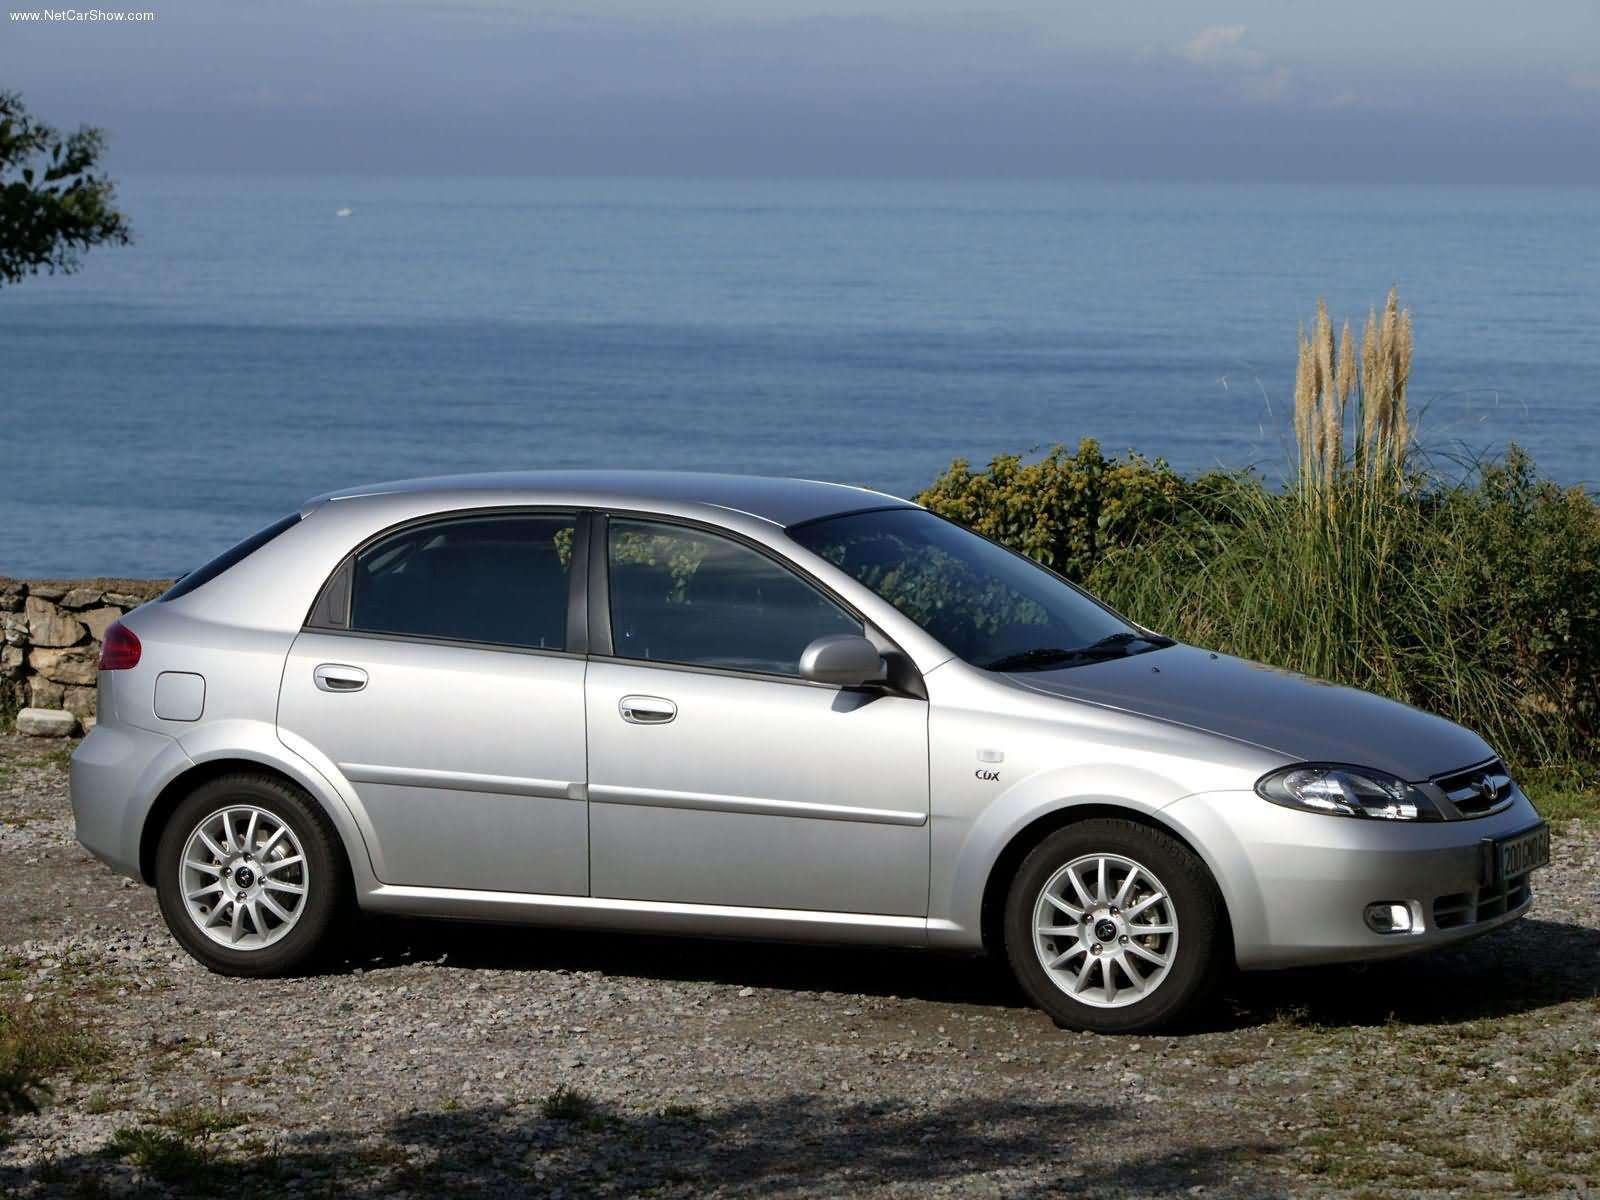 Hình ảnh xe ô tô Daewoo Lacetti CDX 2004 & nội ngoại thất